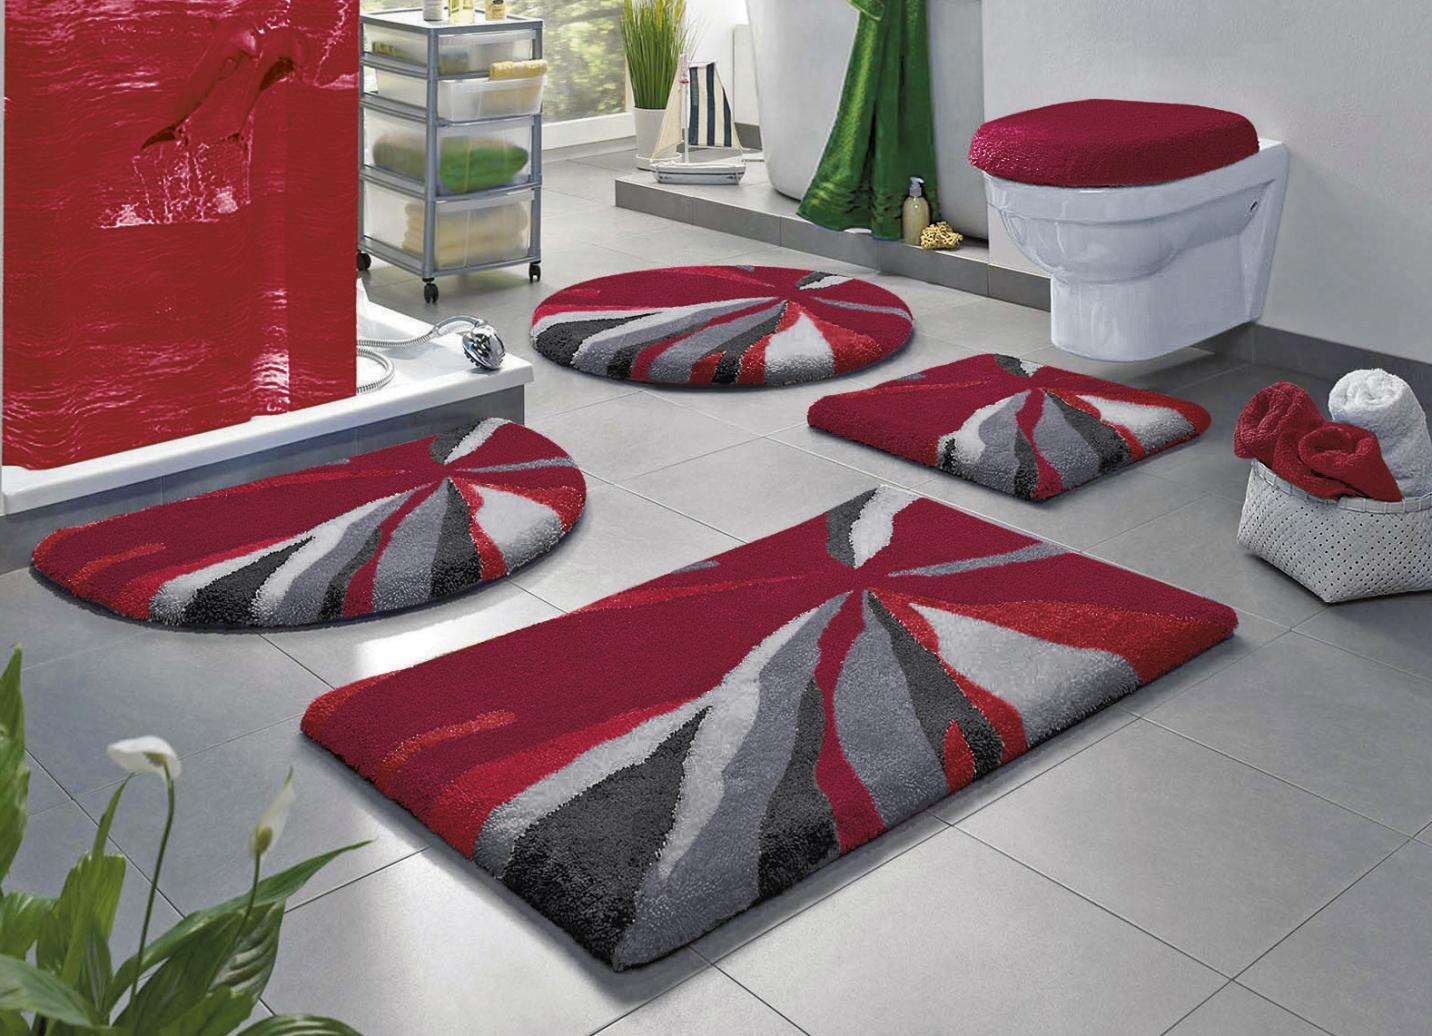 grund badgarnitur in verschiedenen farben badezimmer brigitte st gallen. Black Bedroom Furniture Sets. Home Design Ideas